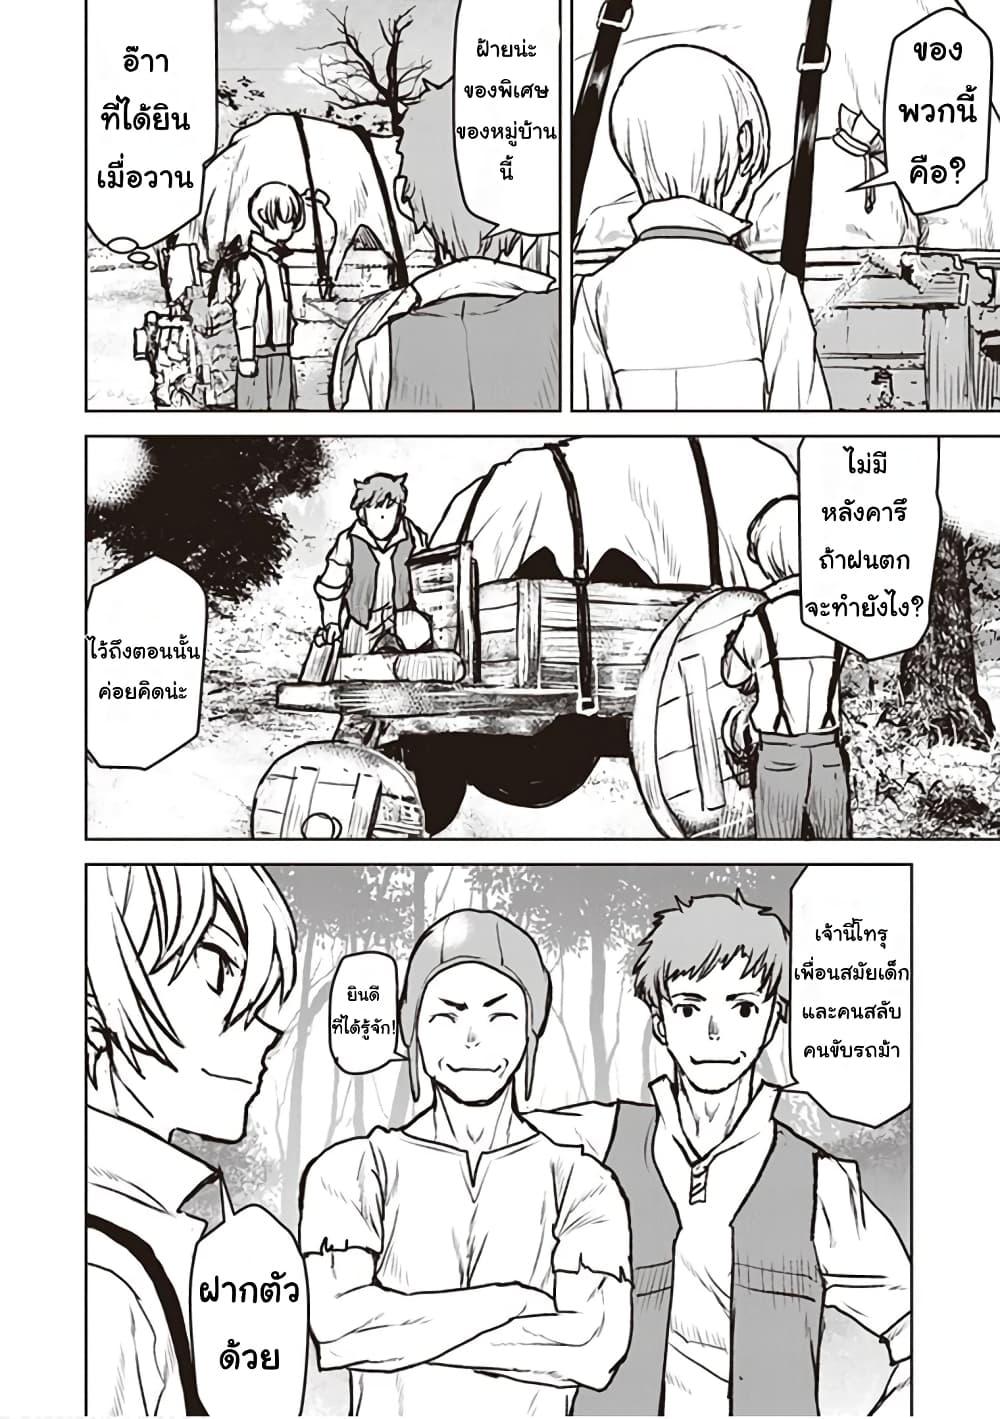 อ่านการ์ตูน The Galactic Navy Officer Becomes an Adventurer ตอนที่ 8 หน้าที่ 16